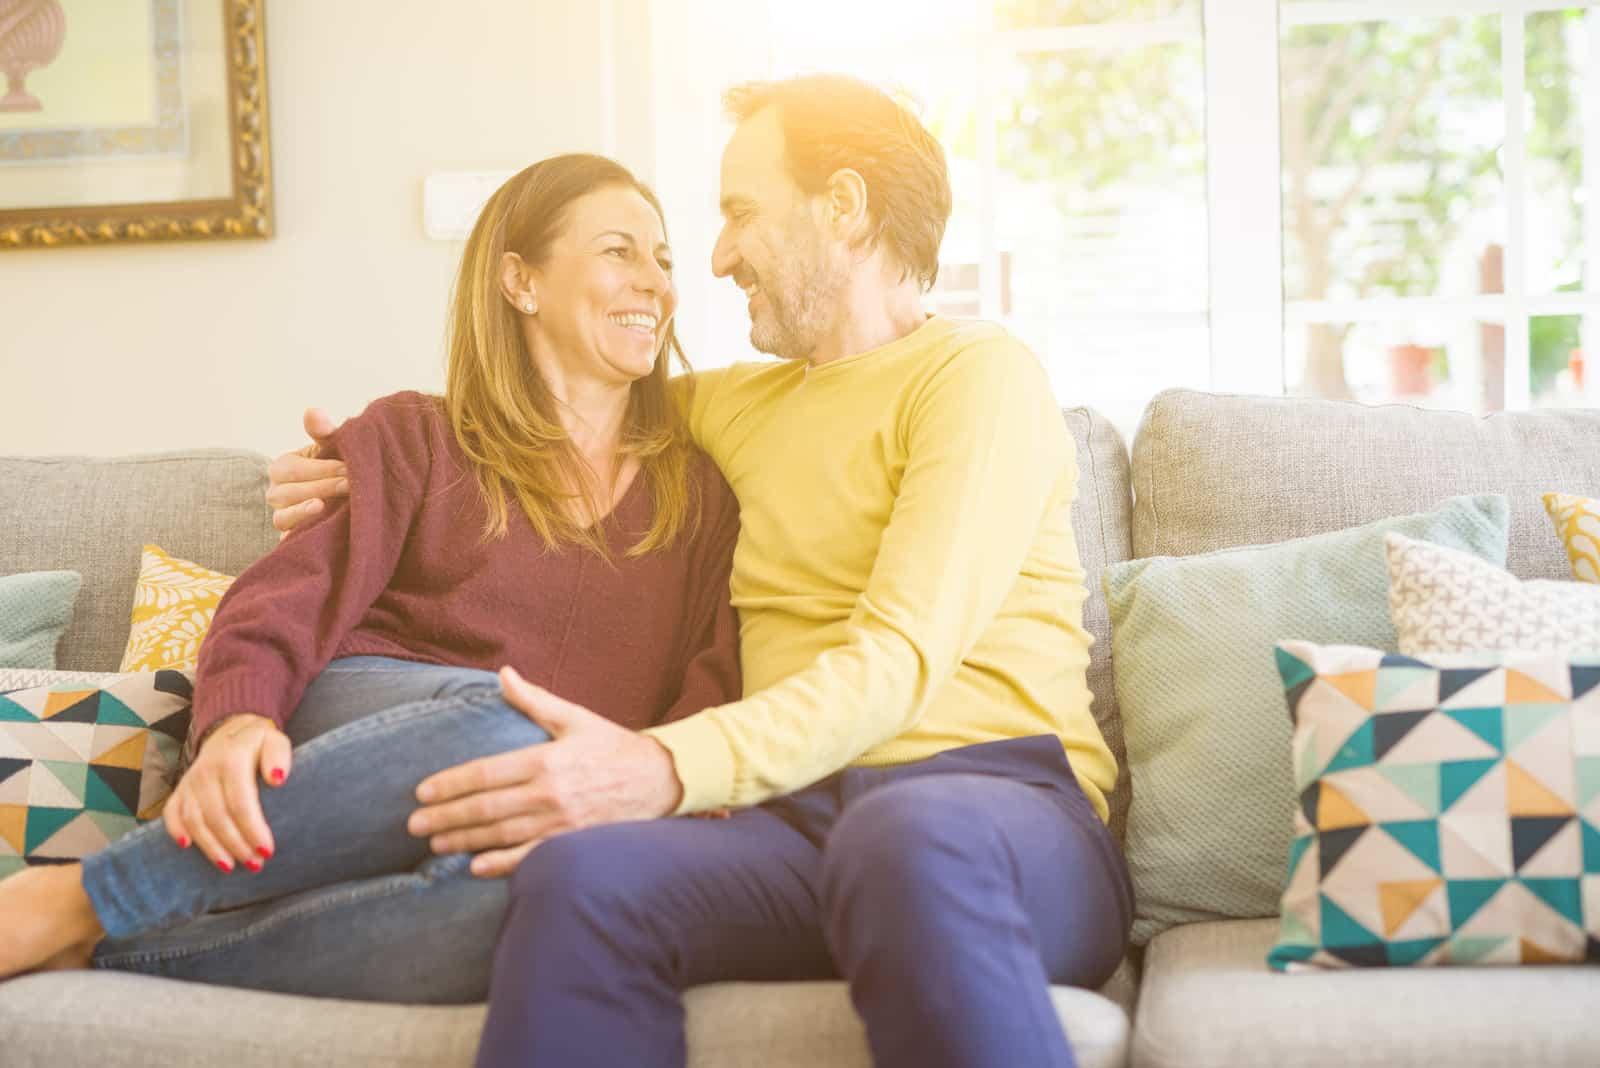 Romantisches Paar des Mittelalters, das zu Hause auf dem Sofa sitzt